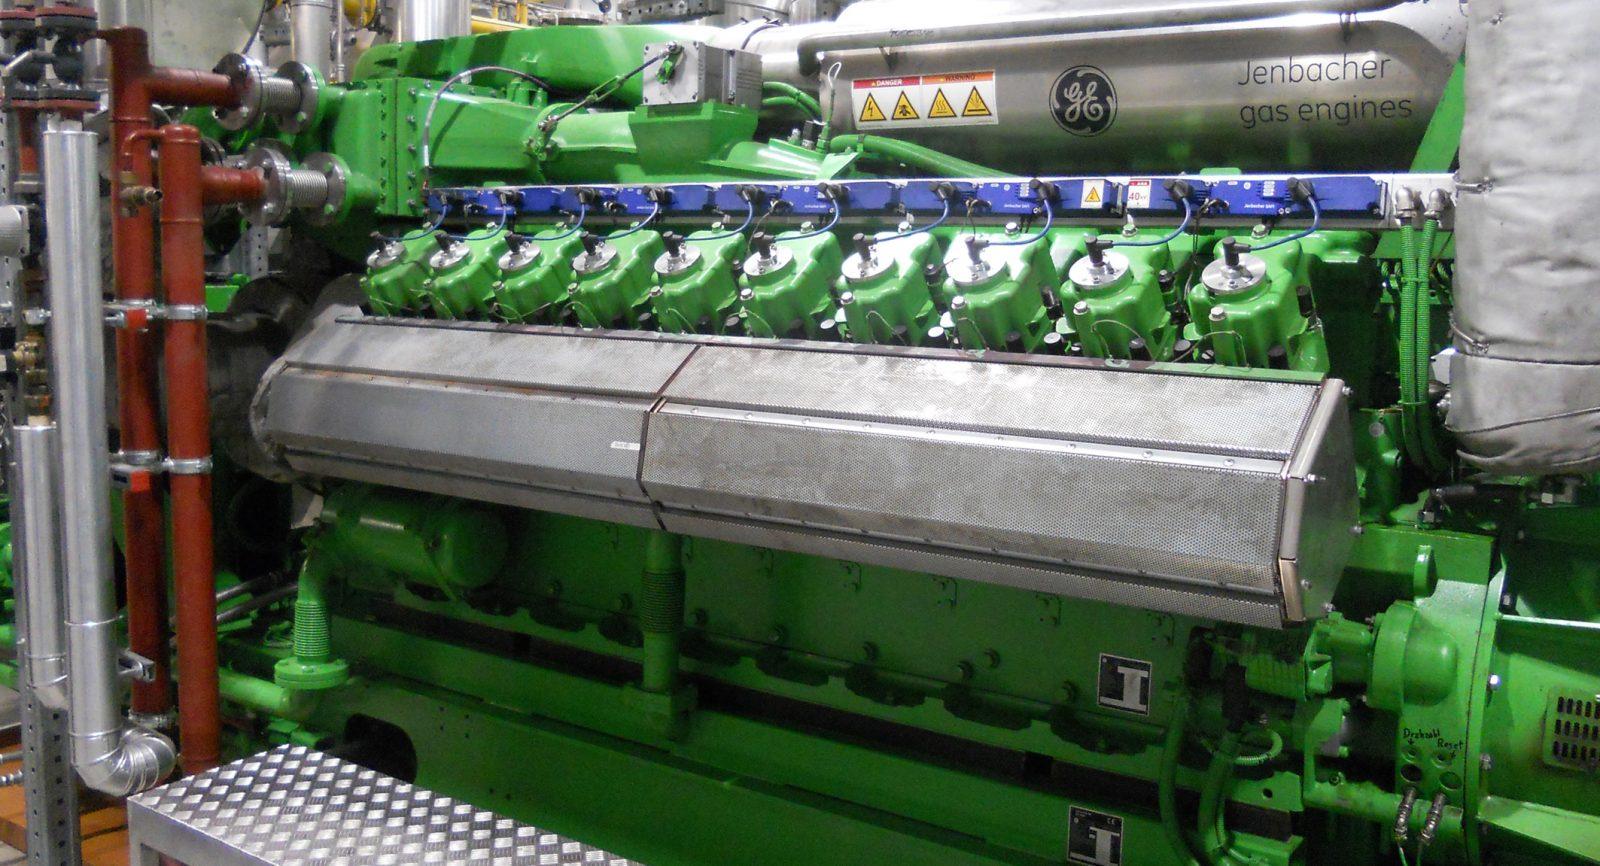 Je 20 Zylinder erzeugen eine Leistung von 1558 kW elektrisch und 2000 kW thermisch sowie einen Gesamtwirkungsgrad von rund 91 Prozent.